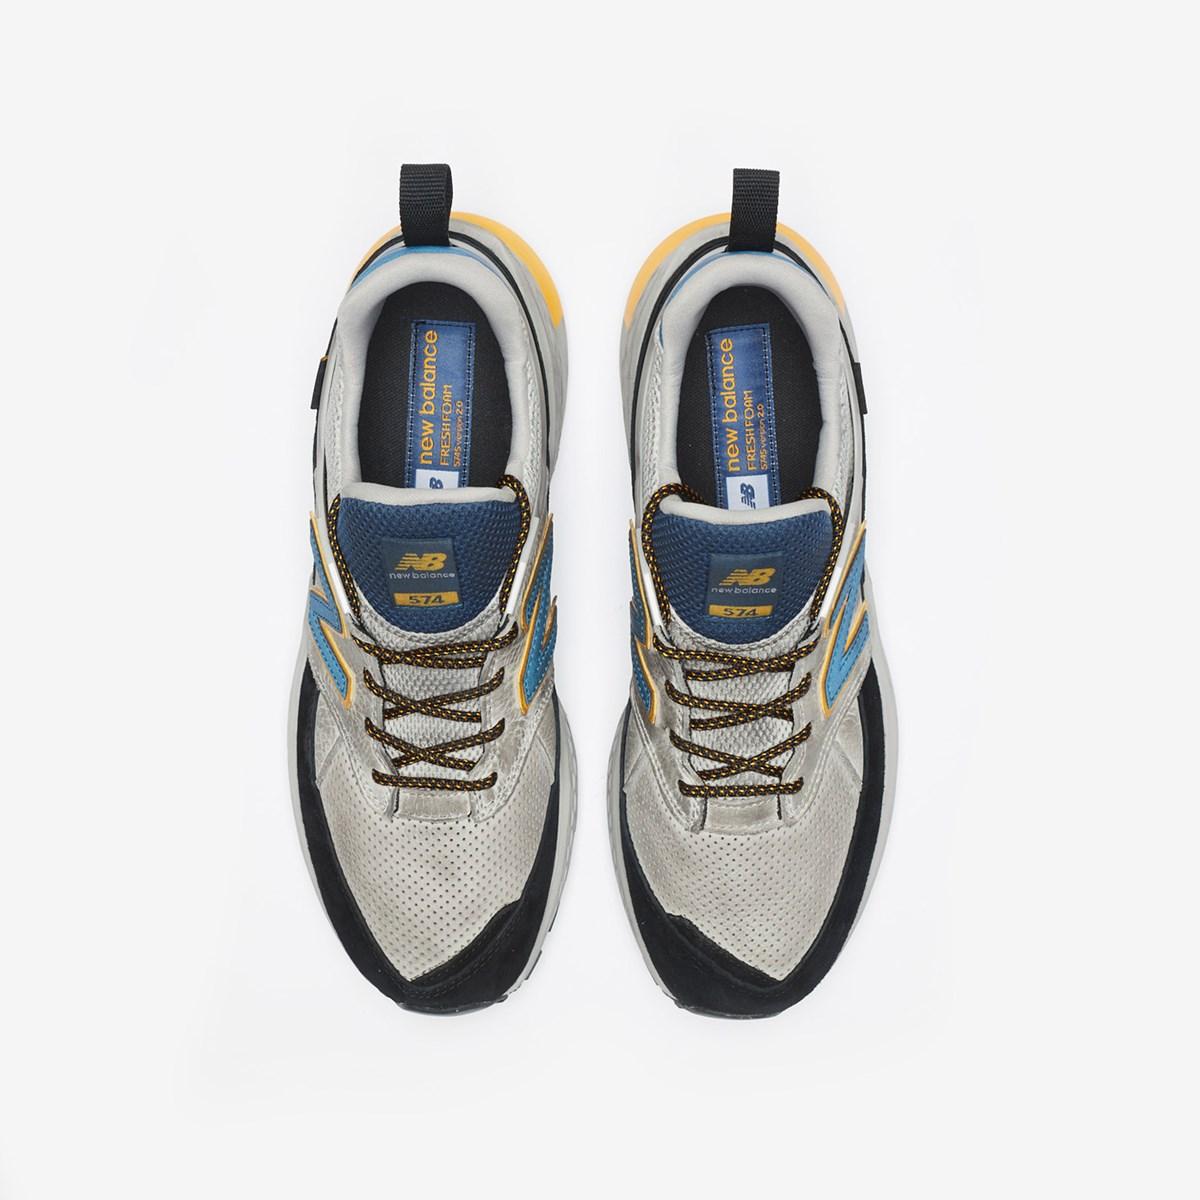 New Balance MS574 Ms574vd Sneakersnstuff | sneakers & streetwear online since 1999